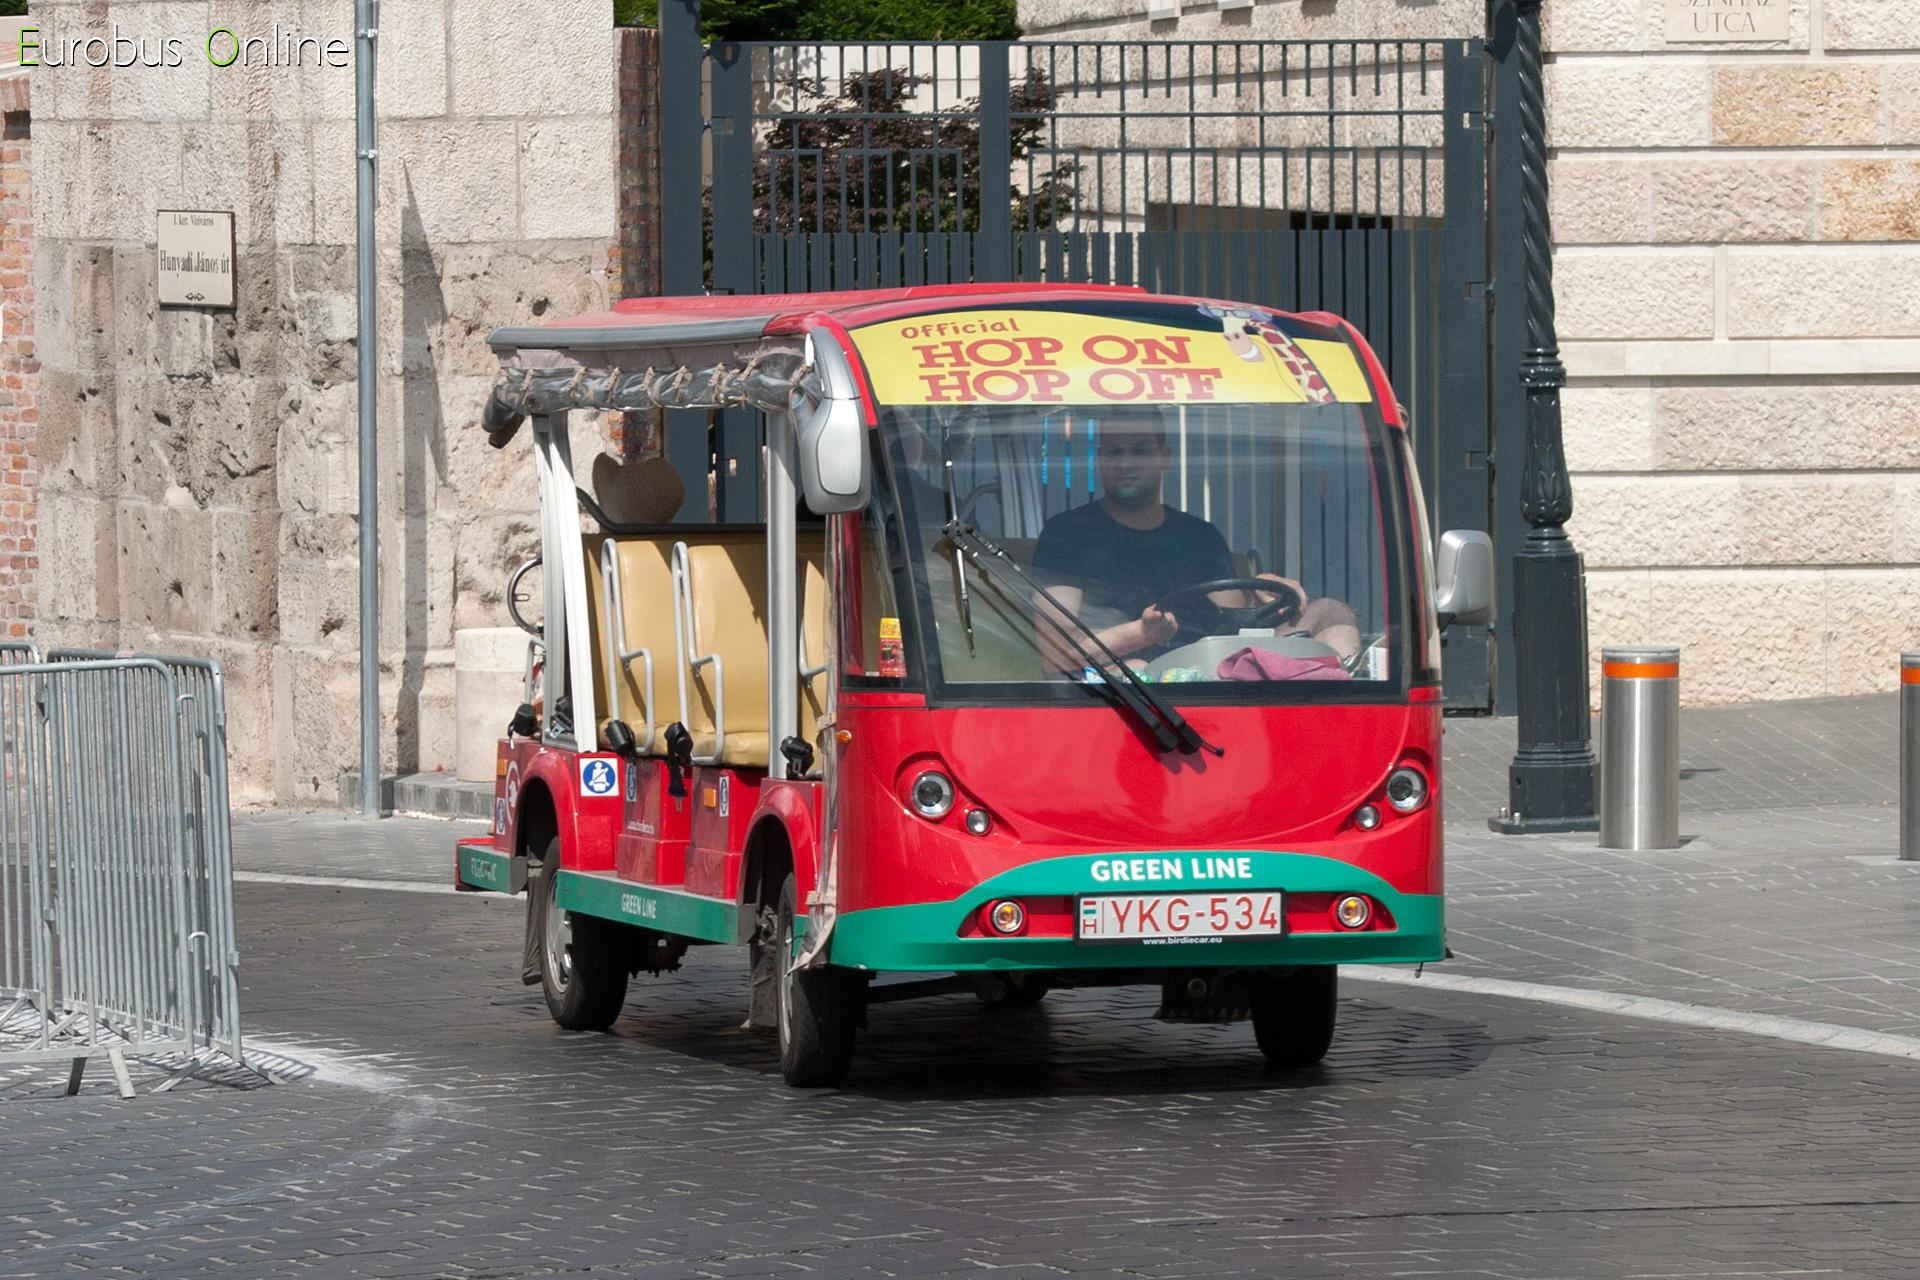 Az Official Giraffe Hop on Hop off jellezetes piros szinét viselő flotta, az YKG-534 kanyarodik be a Dísz térre.